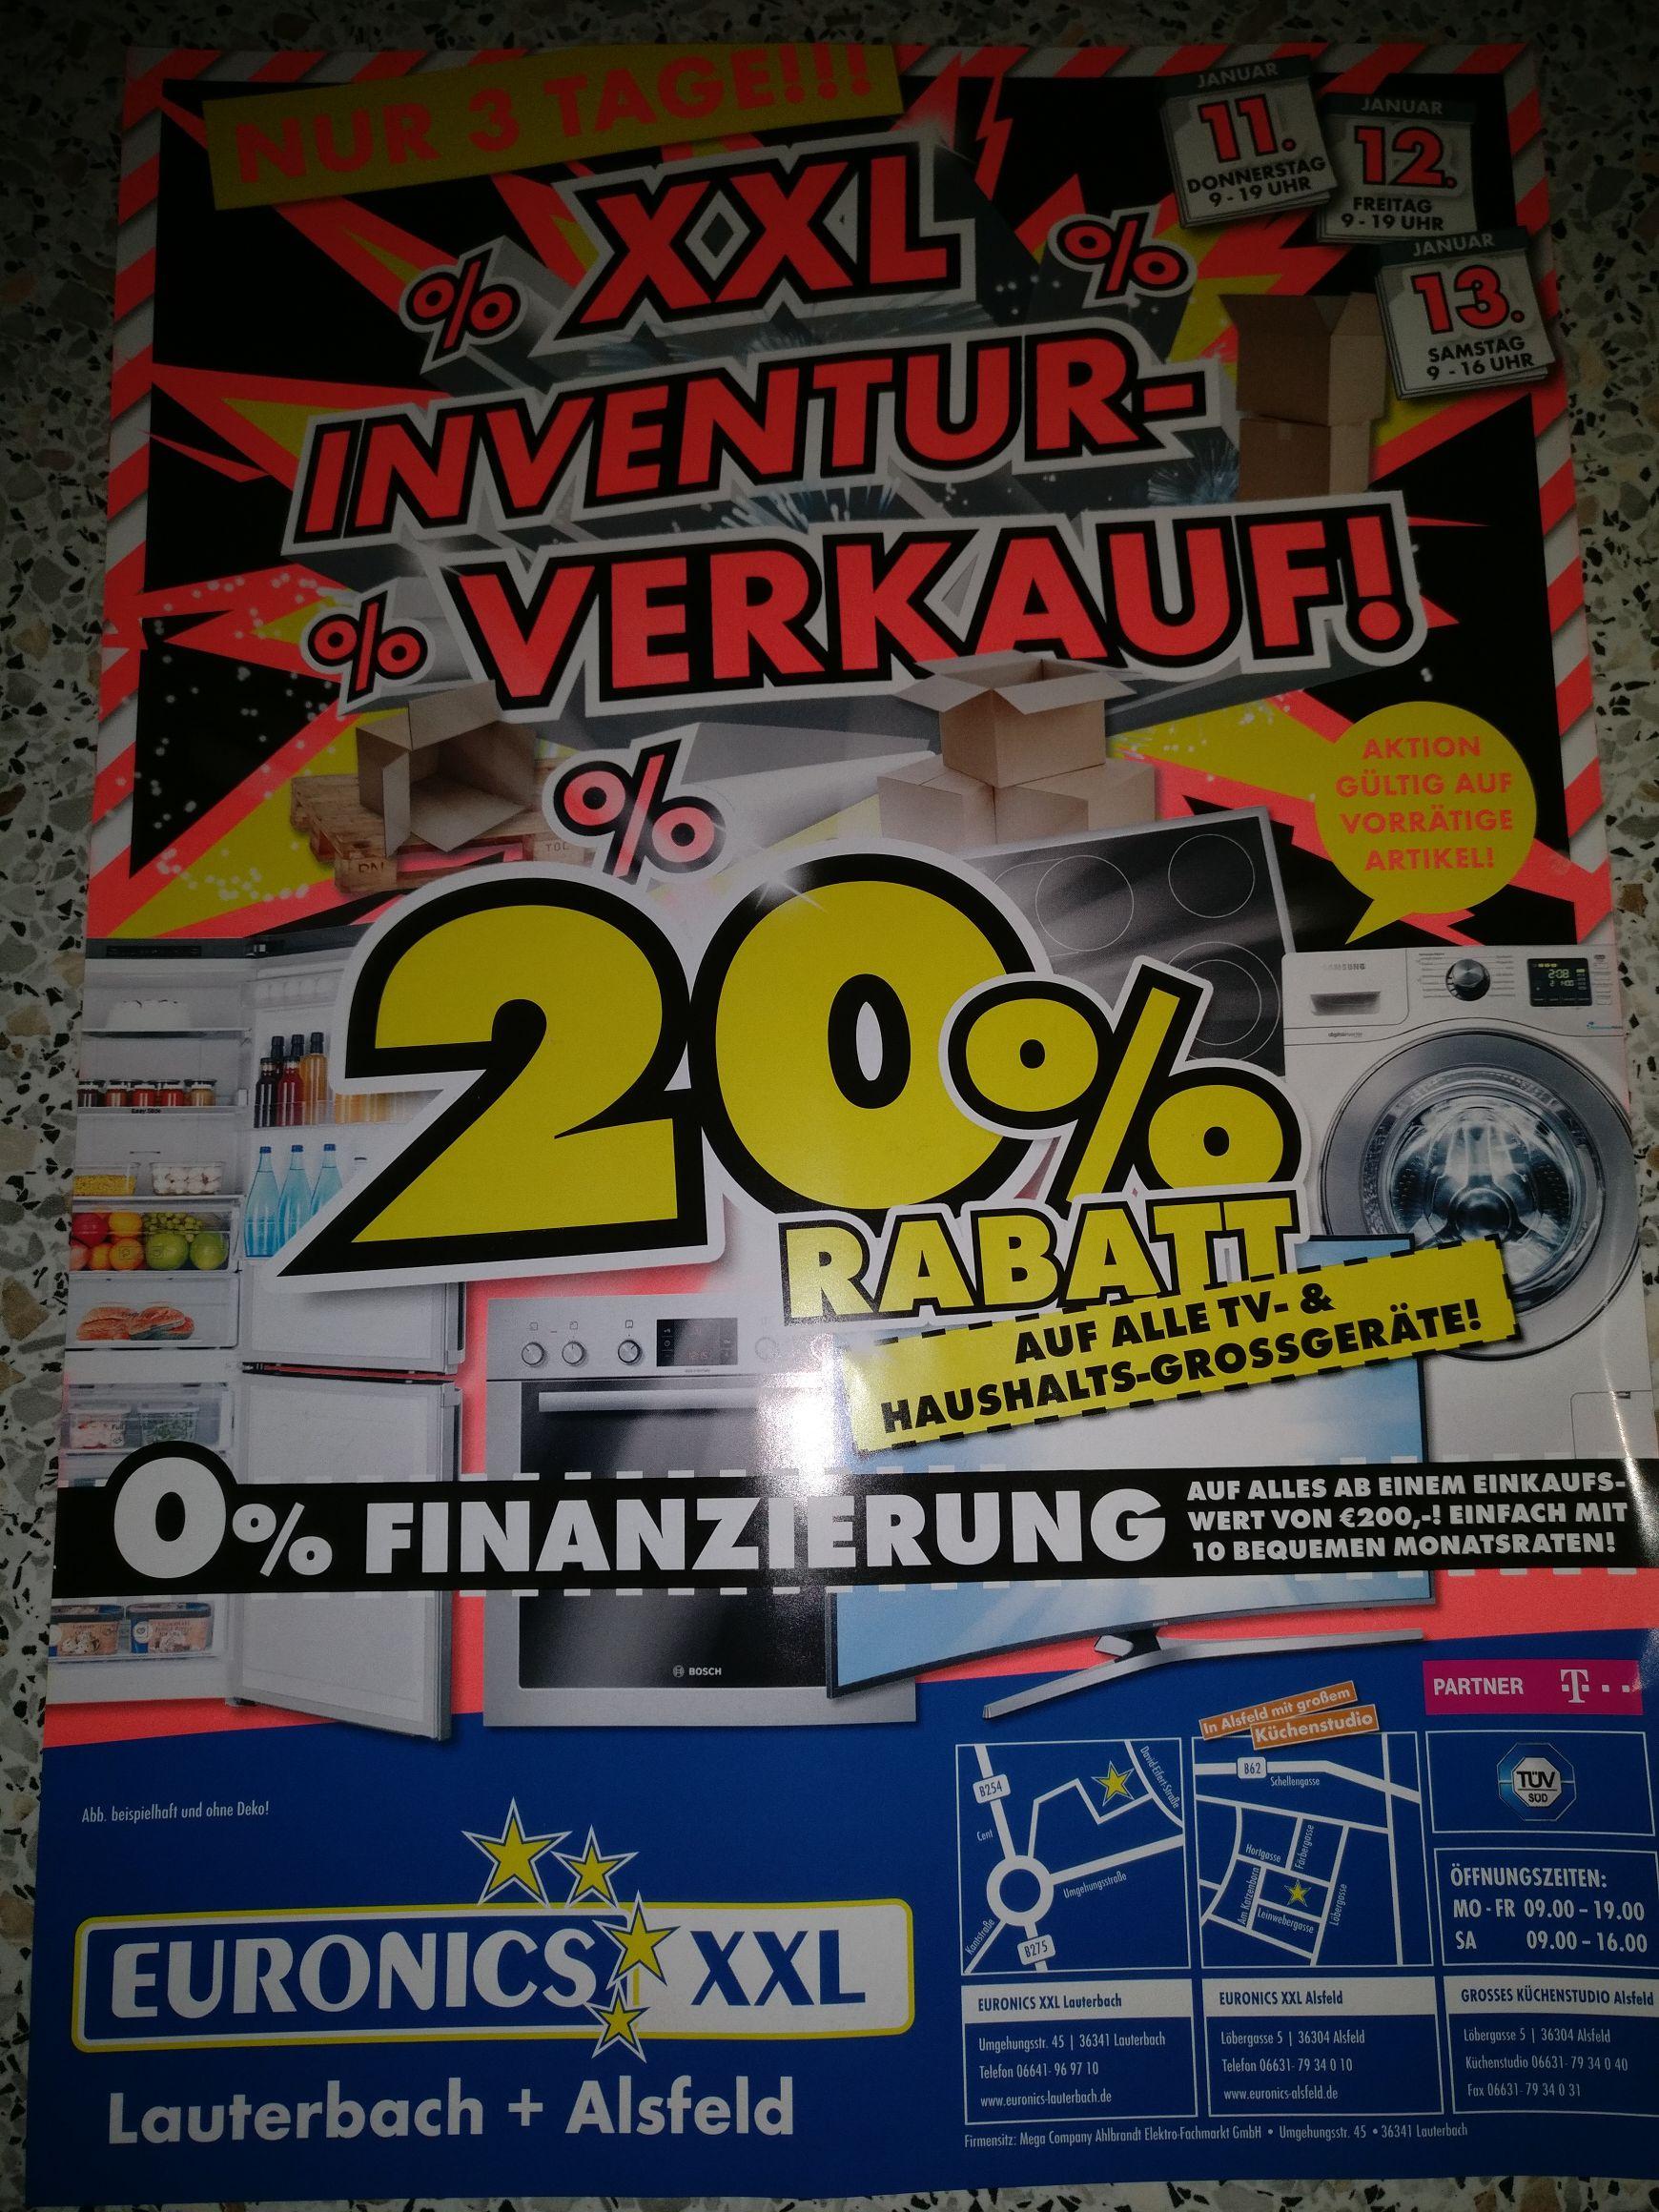 [Lokal in Lauterbach und Alsfeld] 20% Rabatt auf alle TV-& Haushaltsgrossgeräte bei Euronics